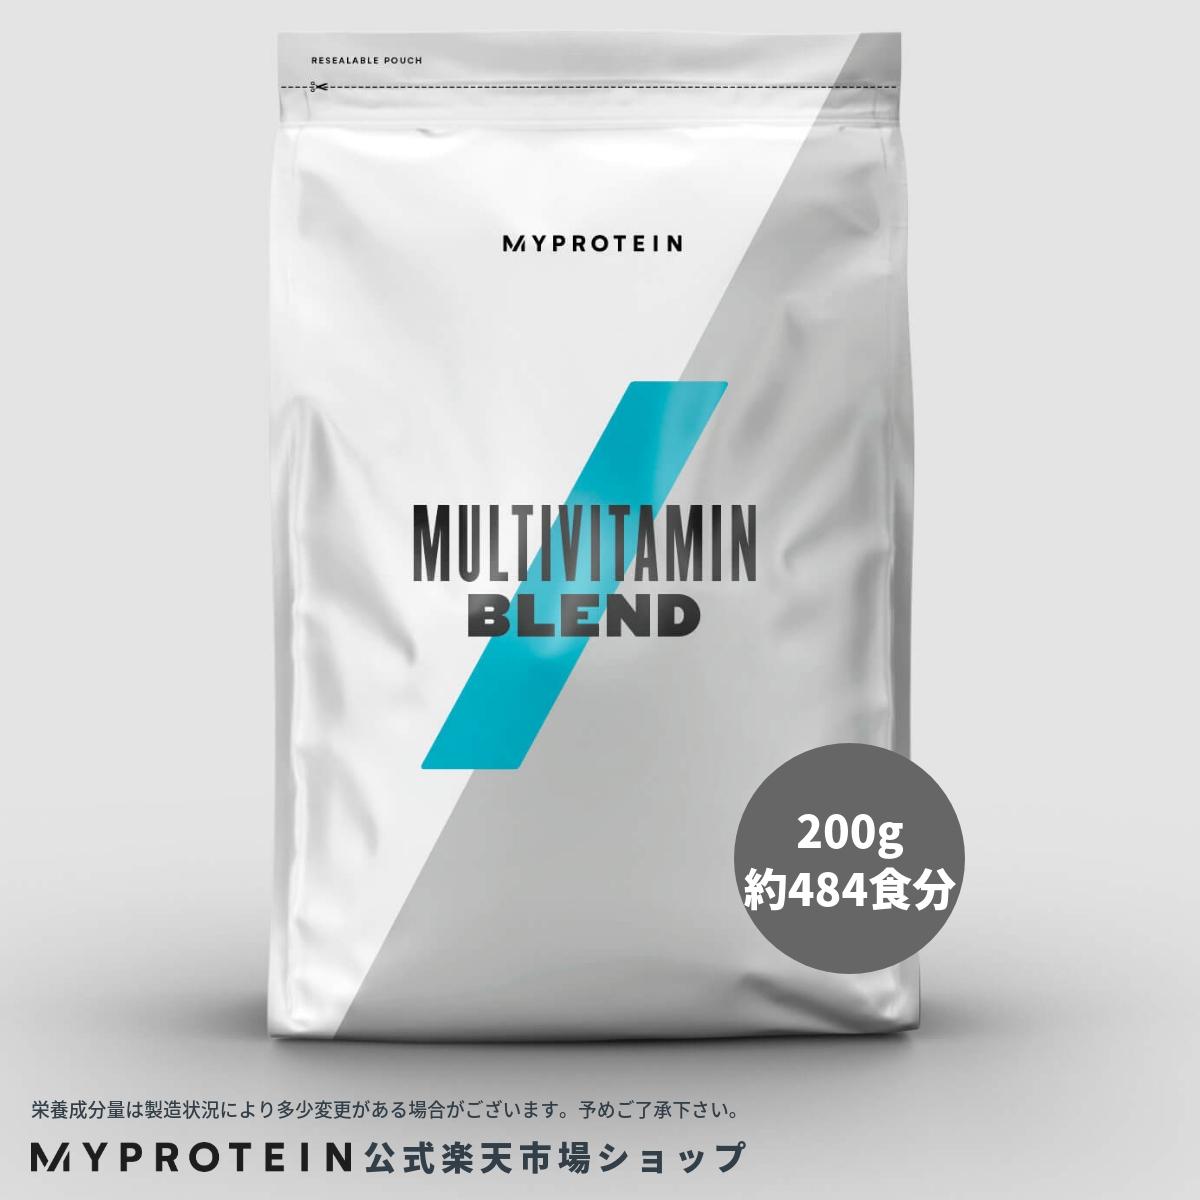 マイプロテイン 公式 【MyProtein】 マルチビタミン ブレンド パウダー 200g 約484食分| サプリメント サプリ ビタミン ビタミンA ビタミンE ビタミンC ビタミンD 健康サプリ 栄養補助食品 栄養補助